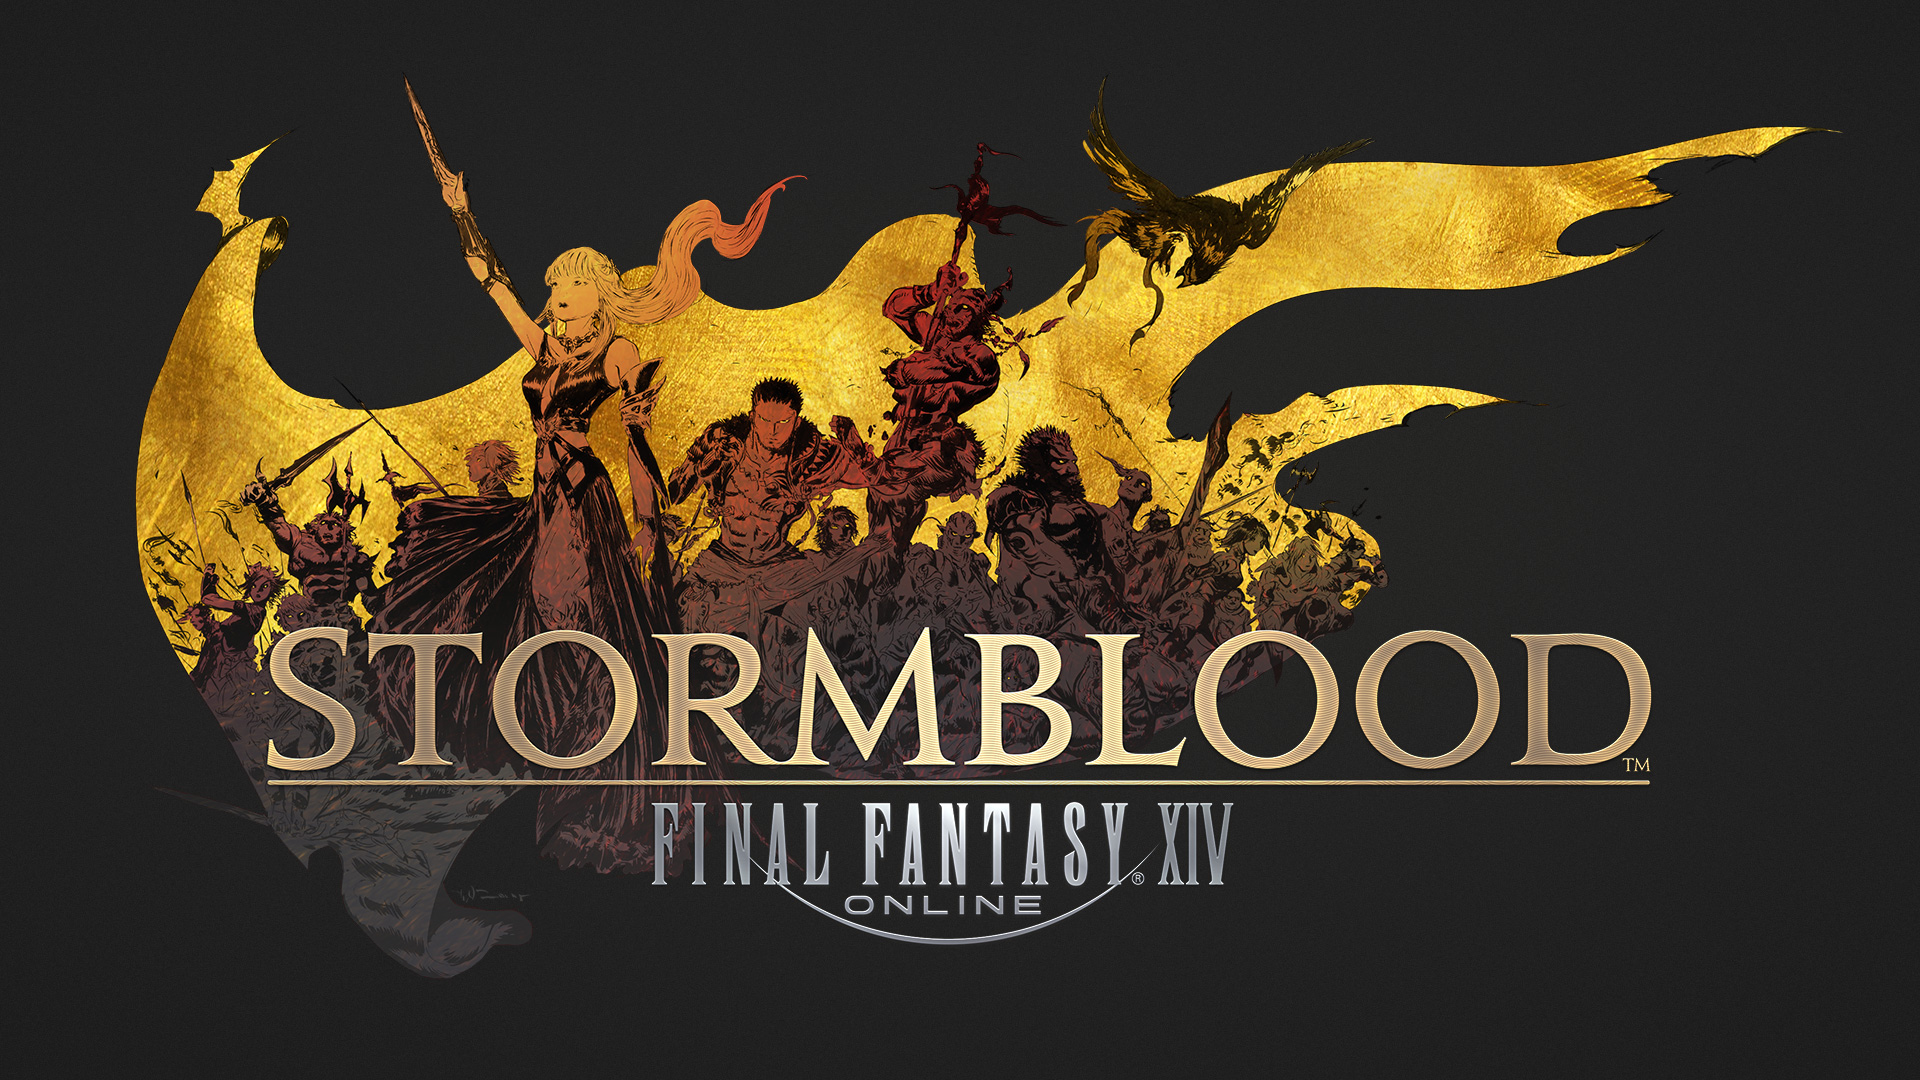 Ffxiv stormblood logo 1920x1080